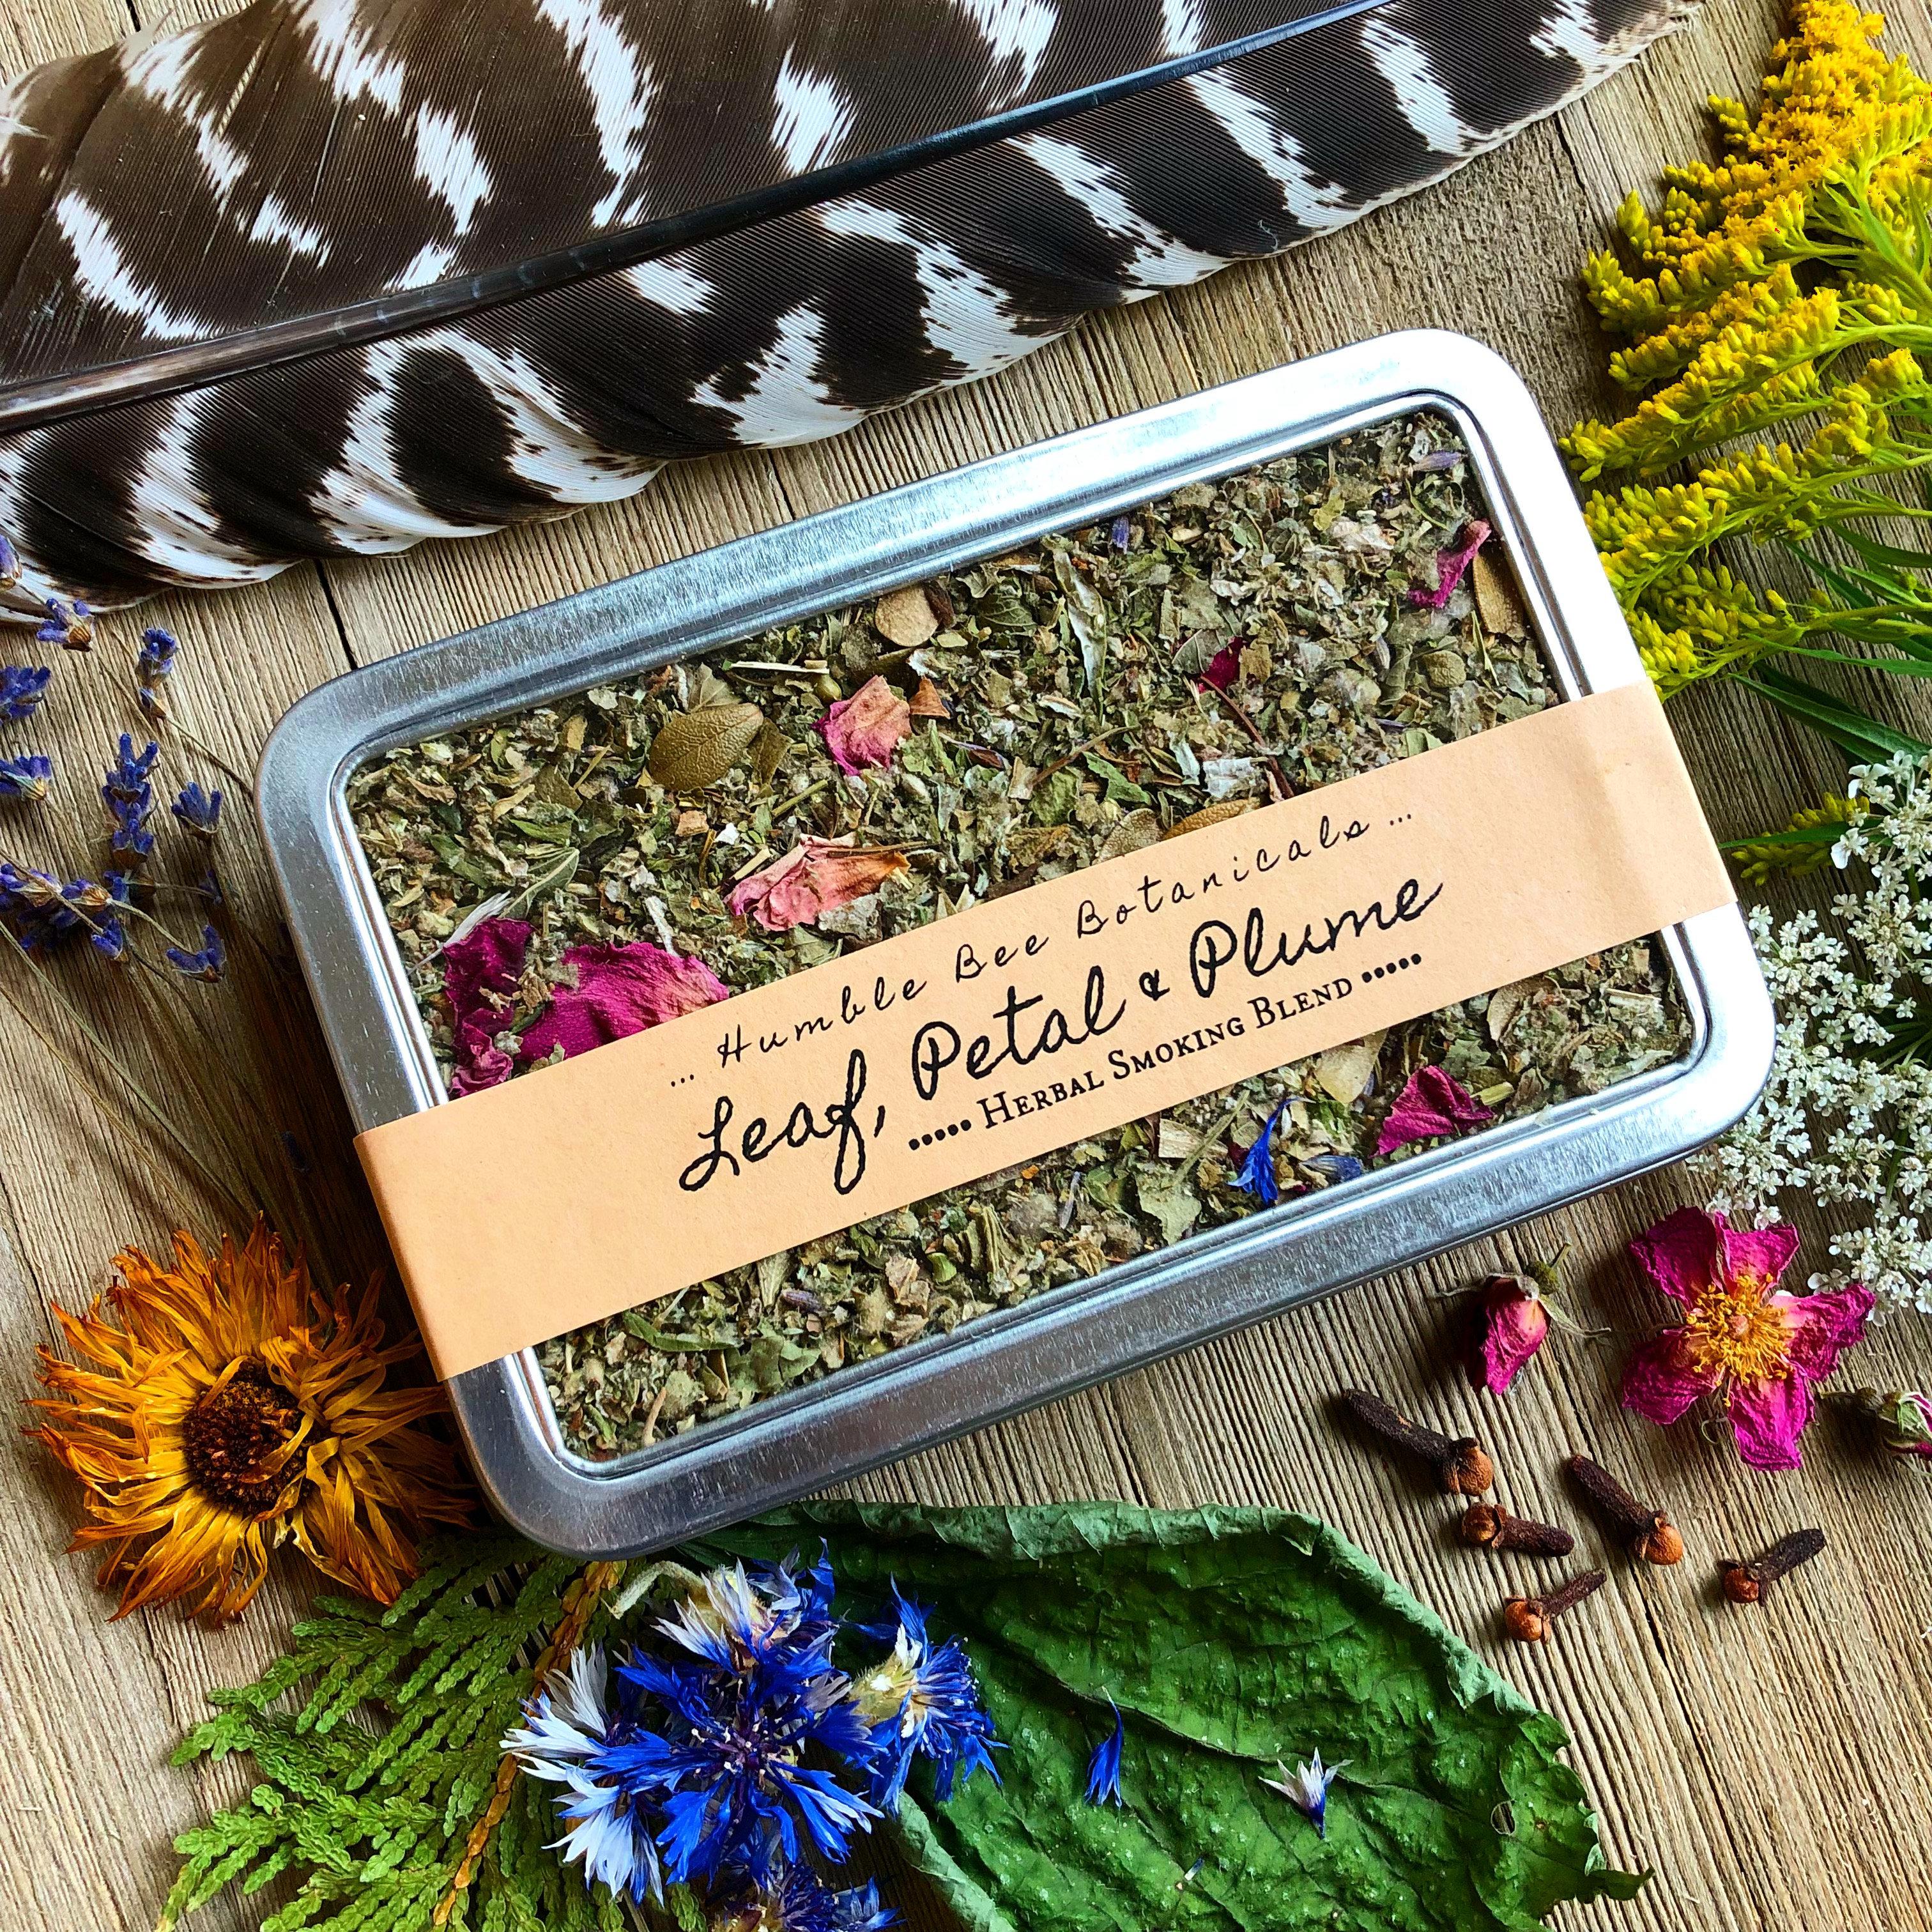 Leaf, Petal & Plume - Herbal Smoking Blend